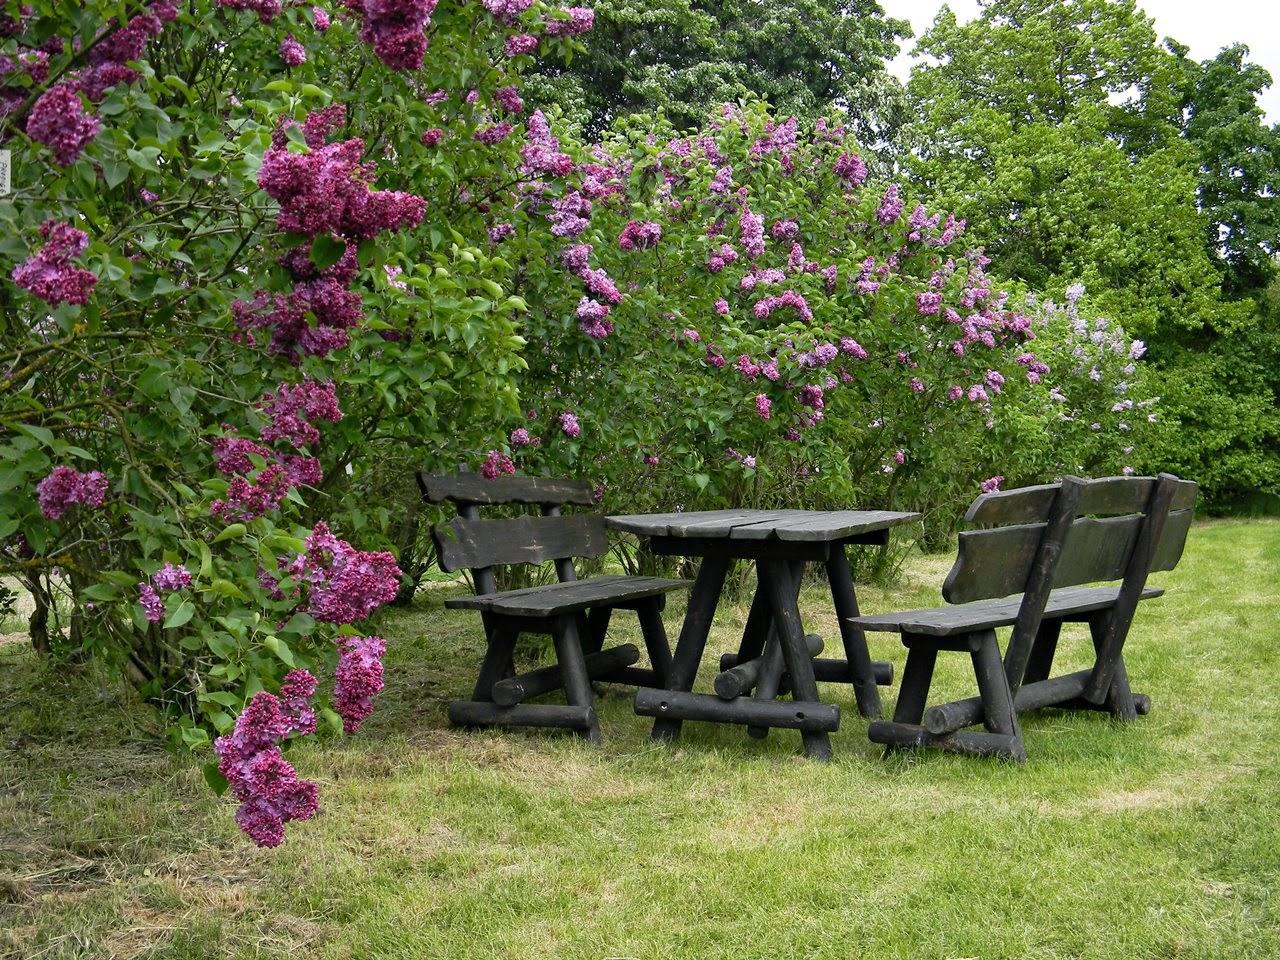 ławki, stół, liliaki, arboretum w Kórniku, przyroda